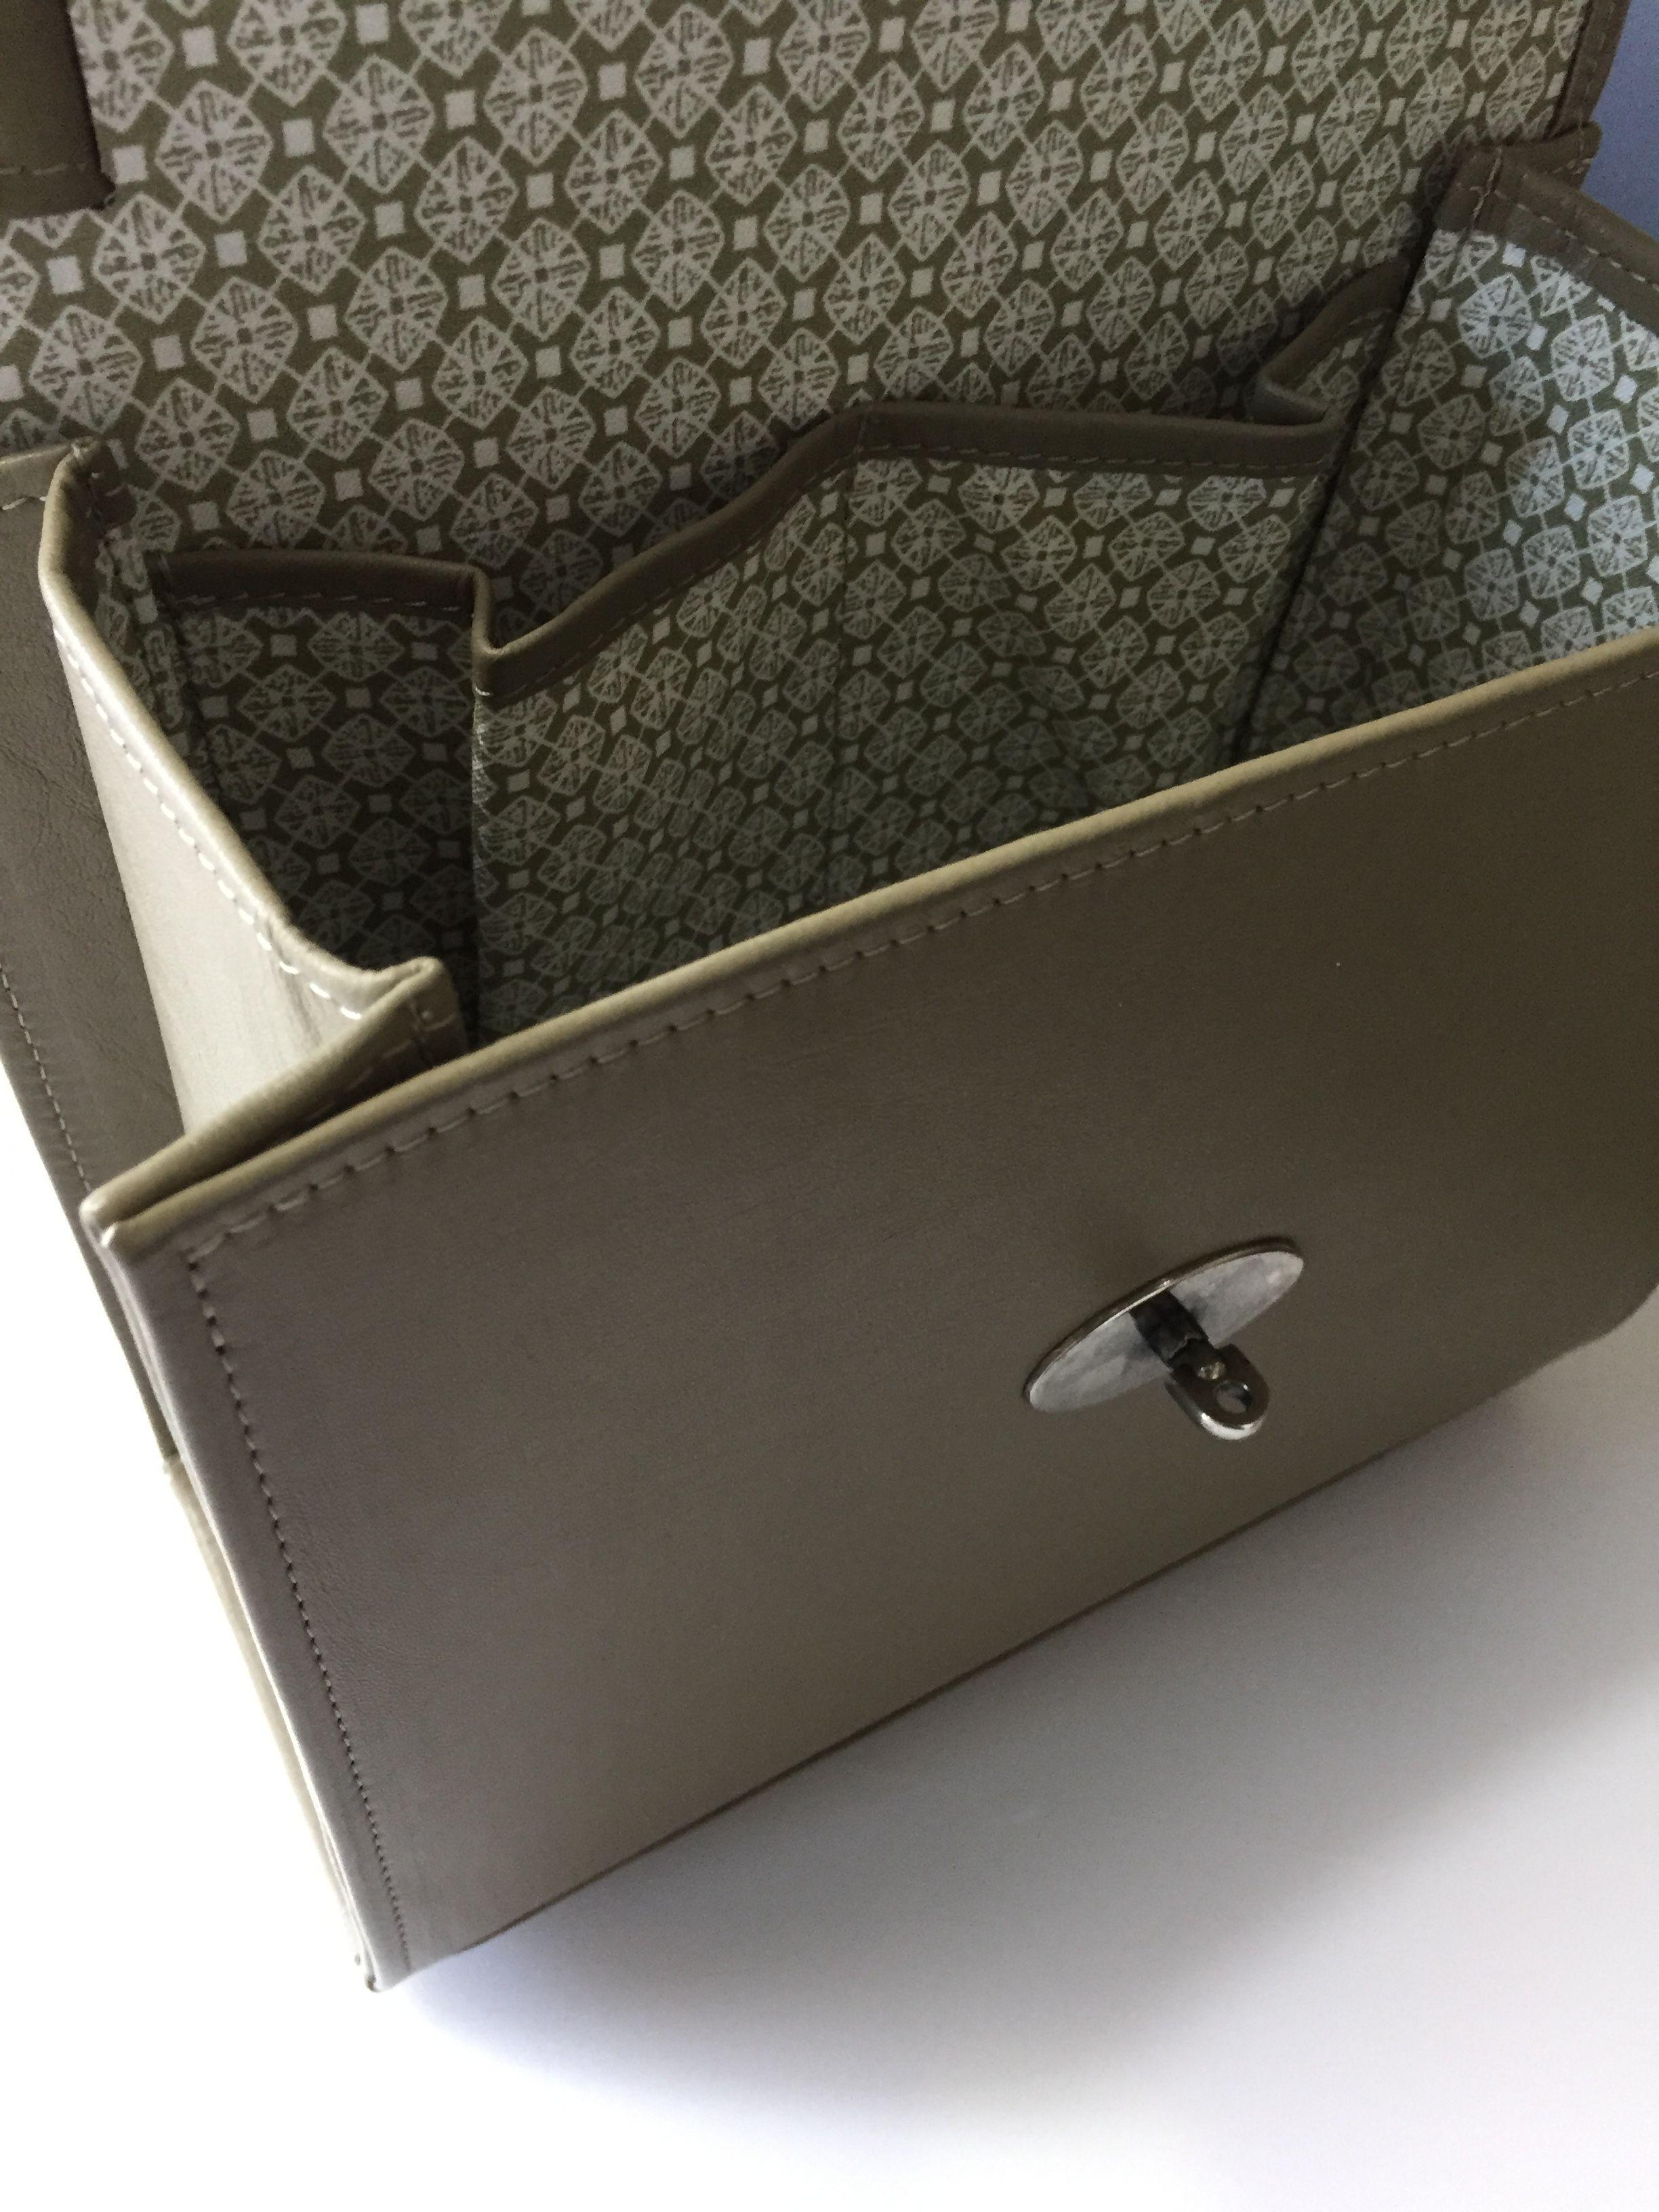 959c60dd856 Driehoek soufflé tas | deVorbags in 2019 - Bags, Leather jewelry en ...